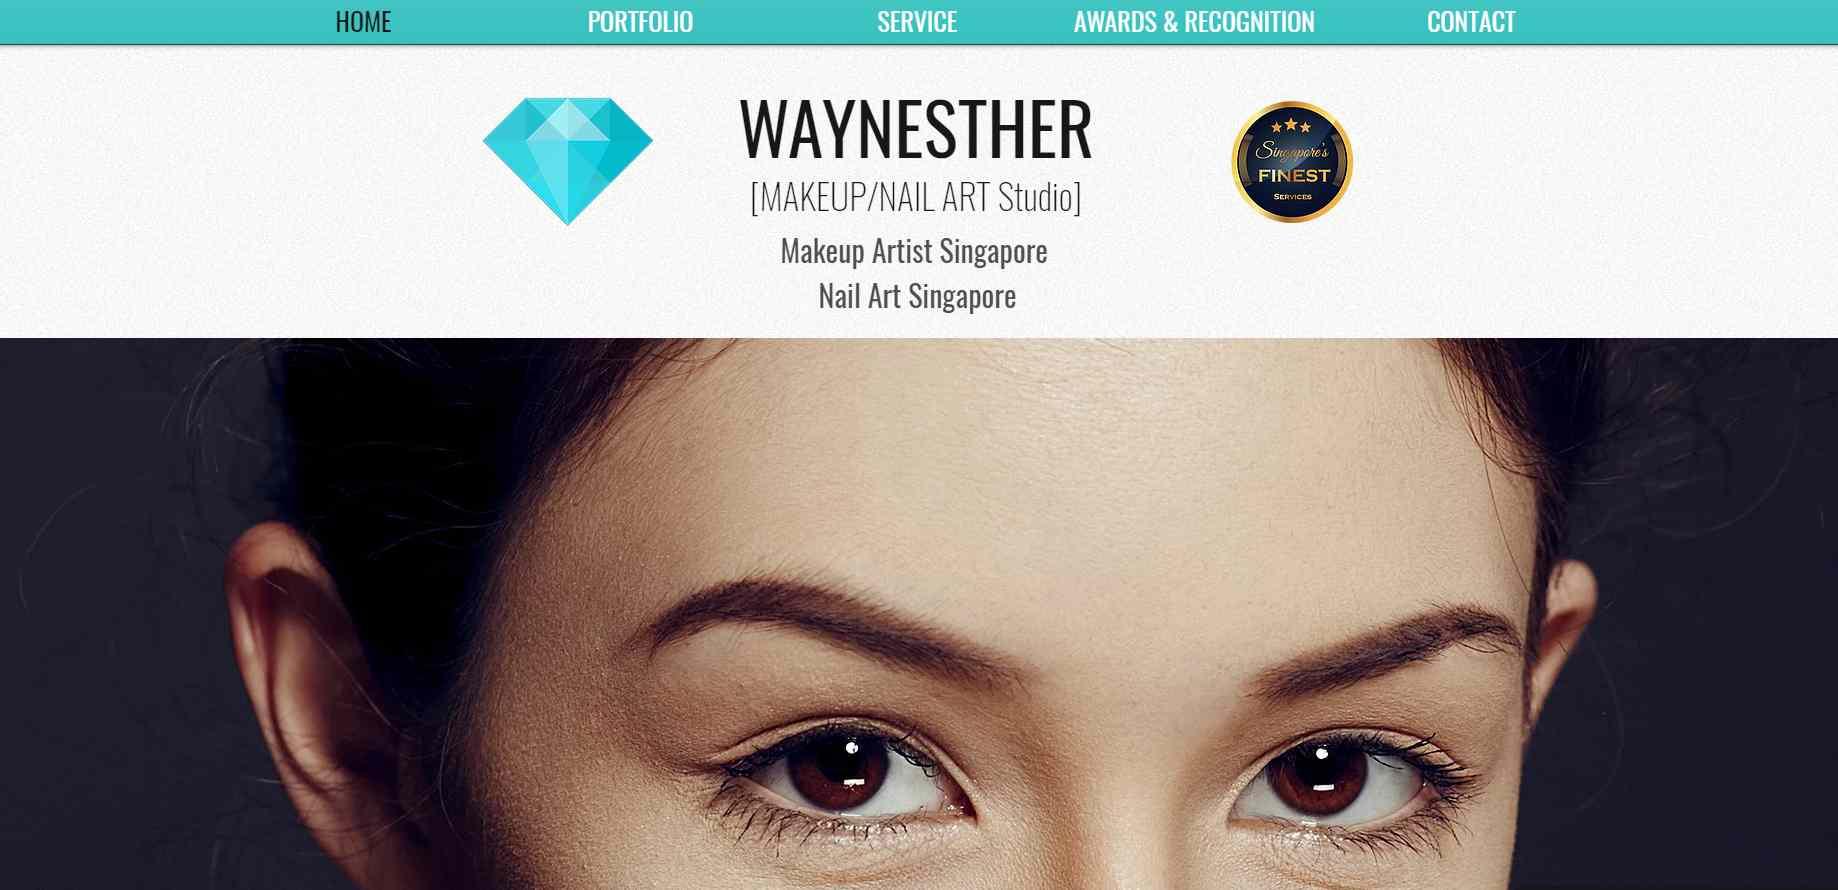 waynsther Top Makeup Artists in Singapore